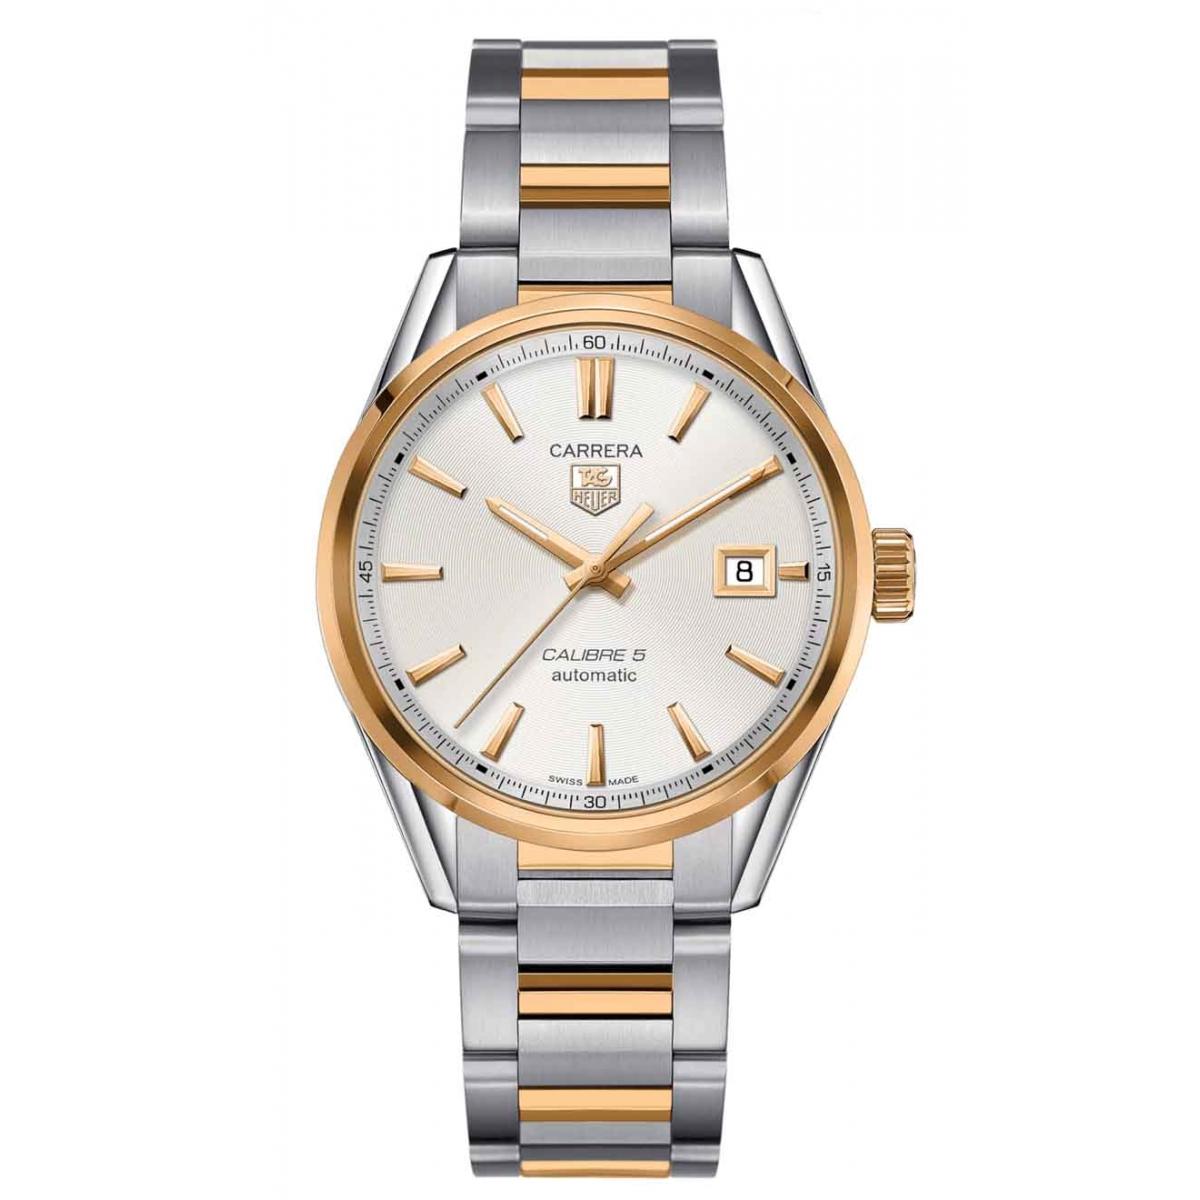 CARRERA Calibre 5 Reloj automático 100 M - ∅39 mm Acero y Oro